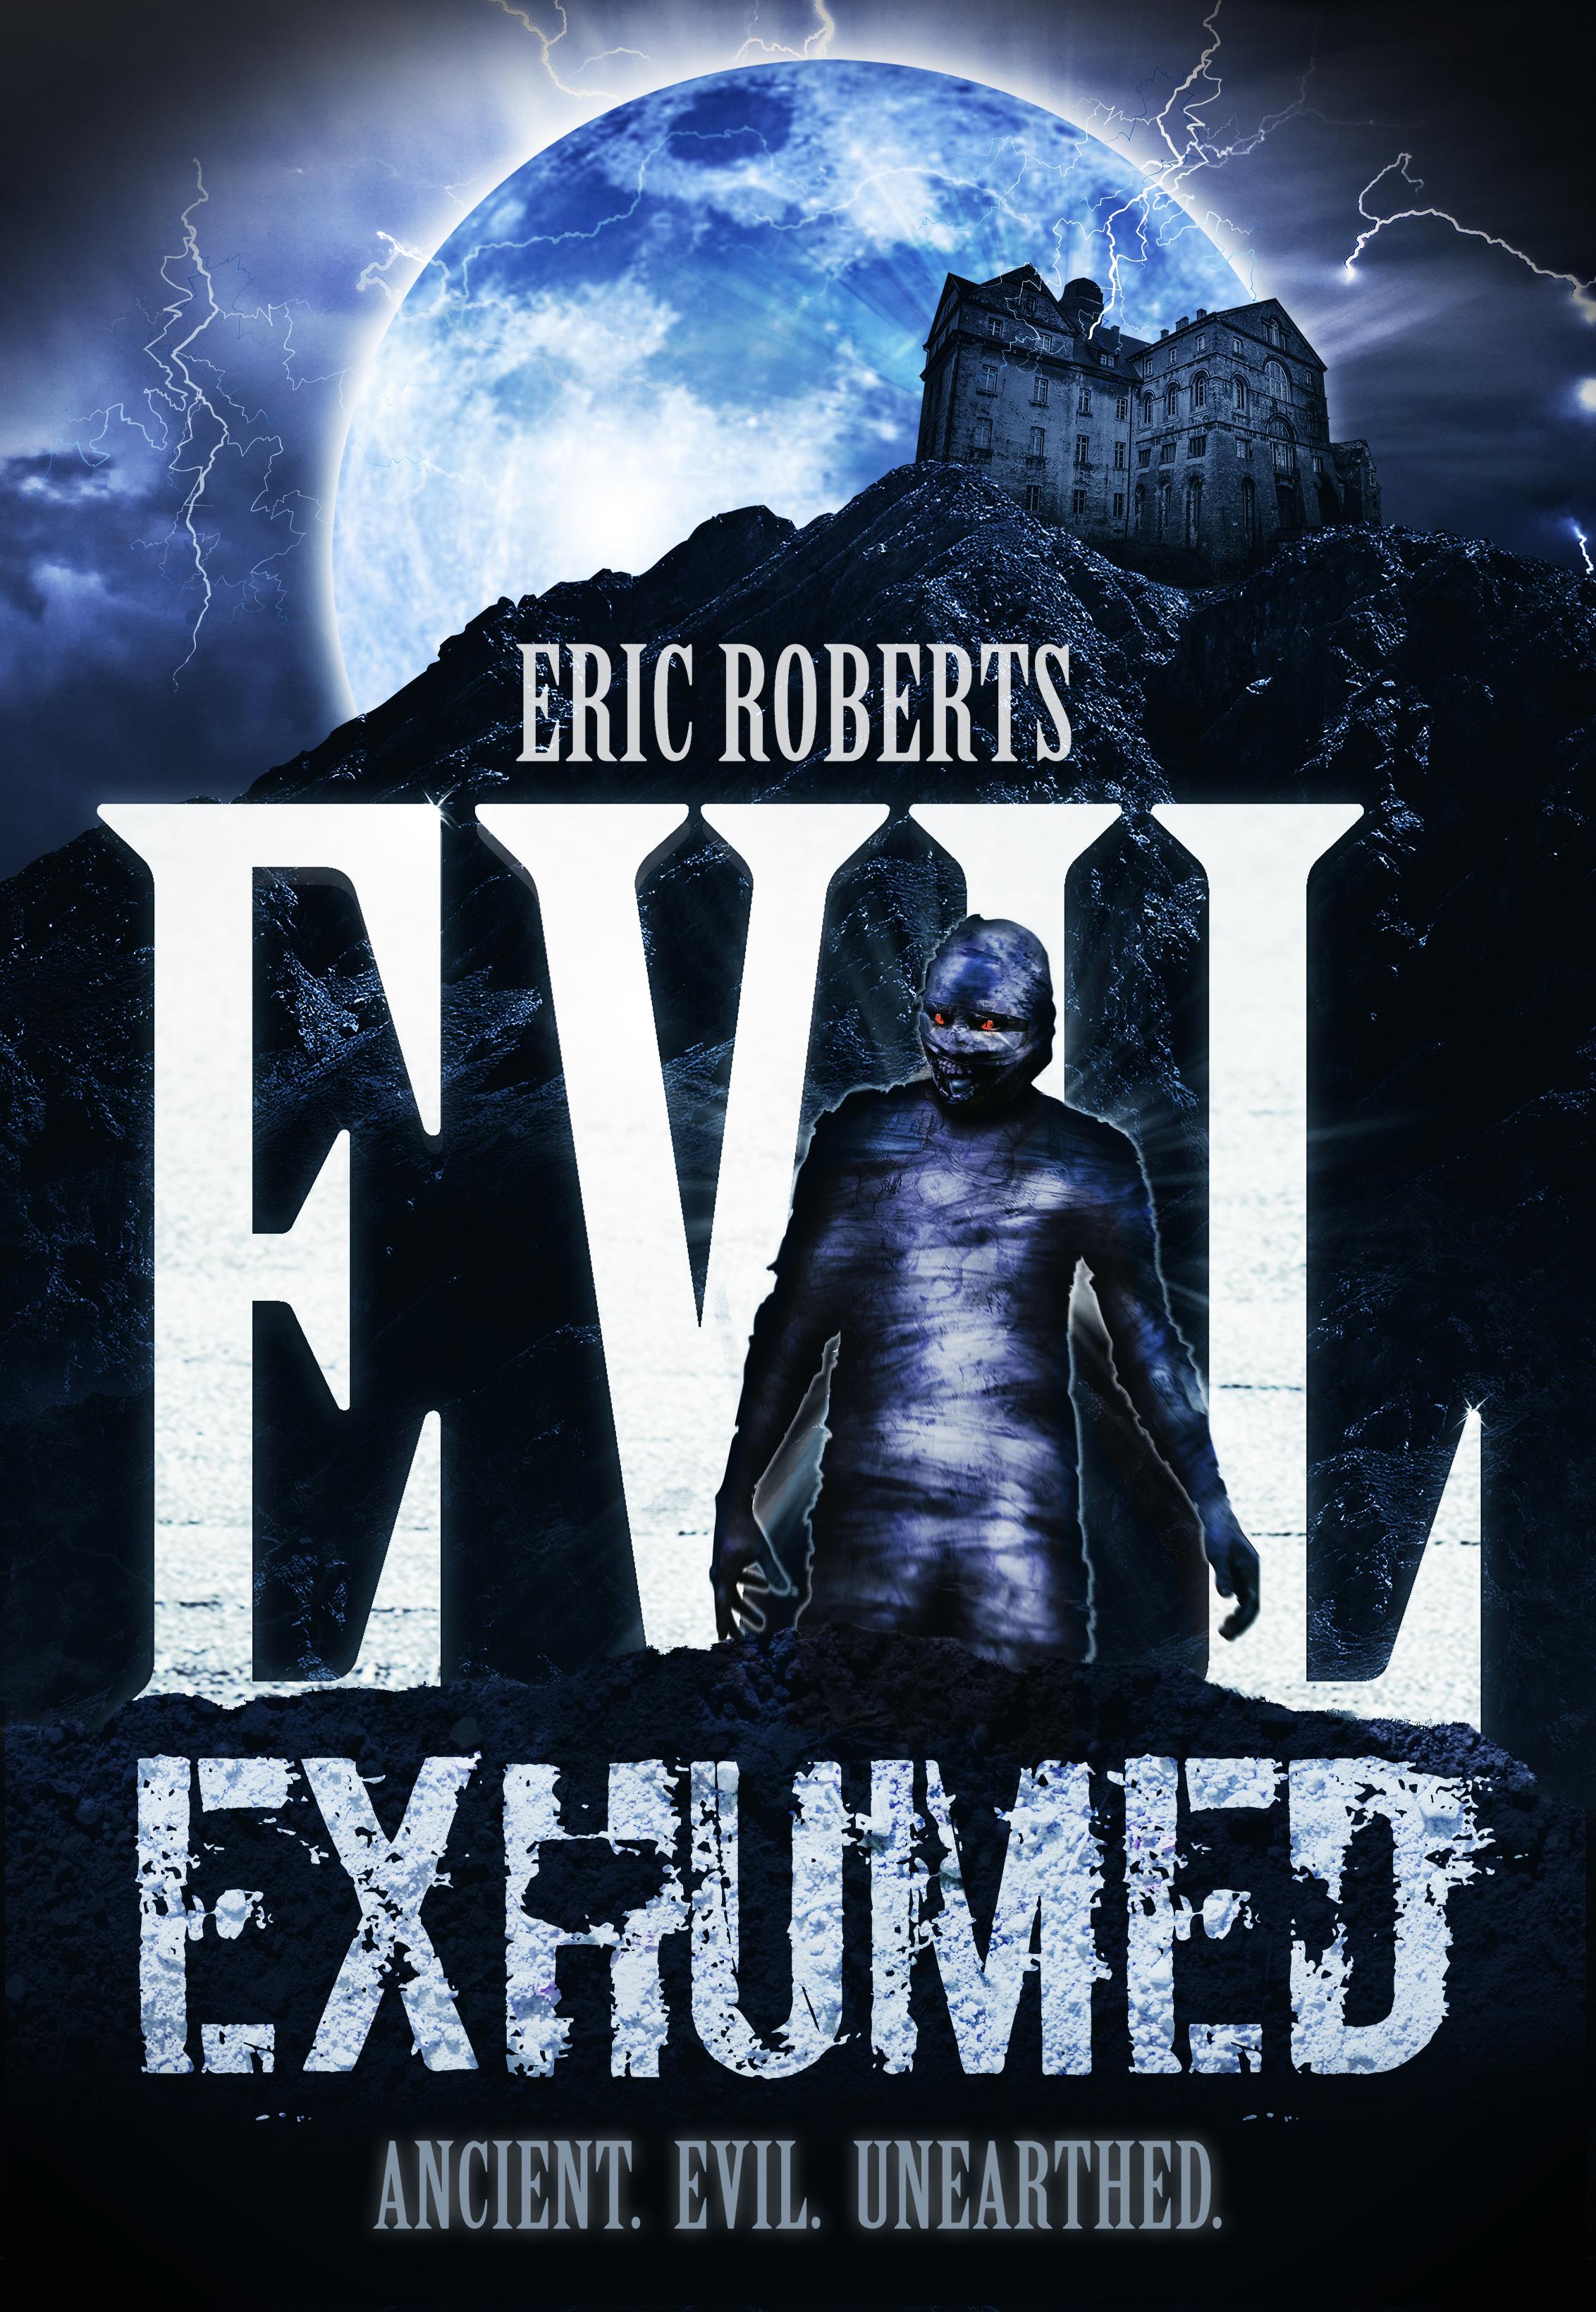 EvilExhumed_KeyArt_HighRes